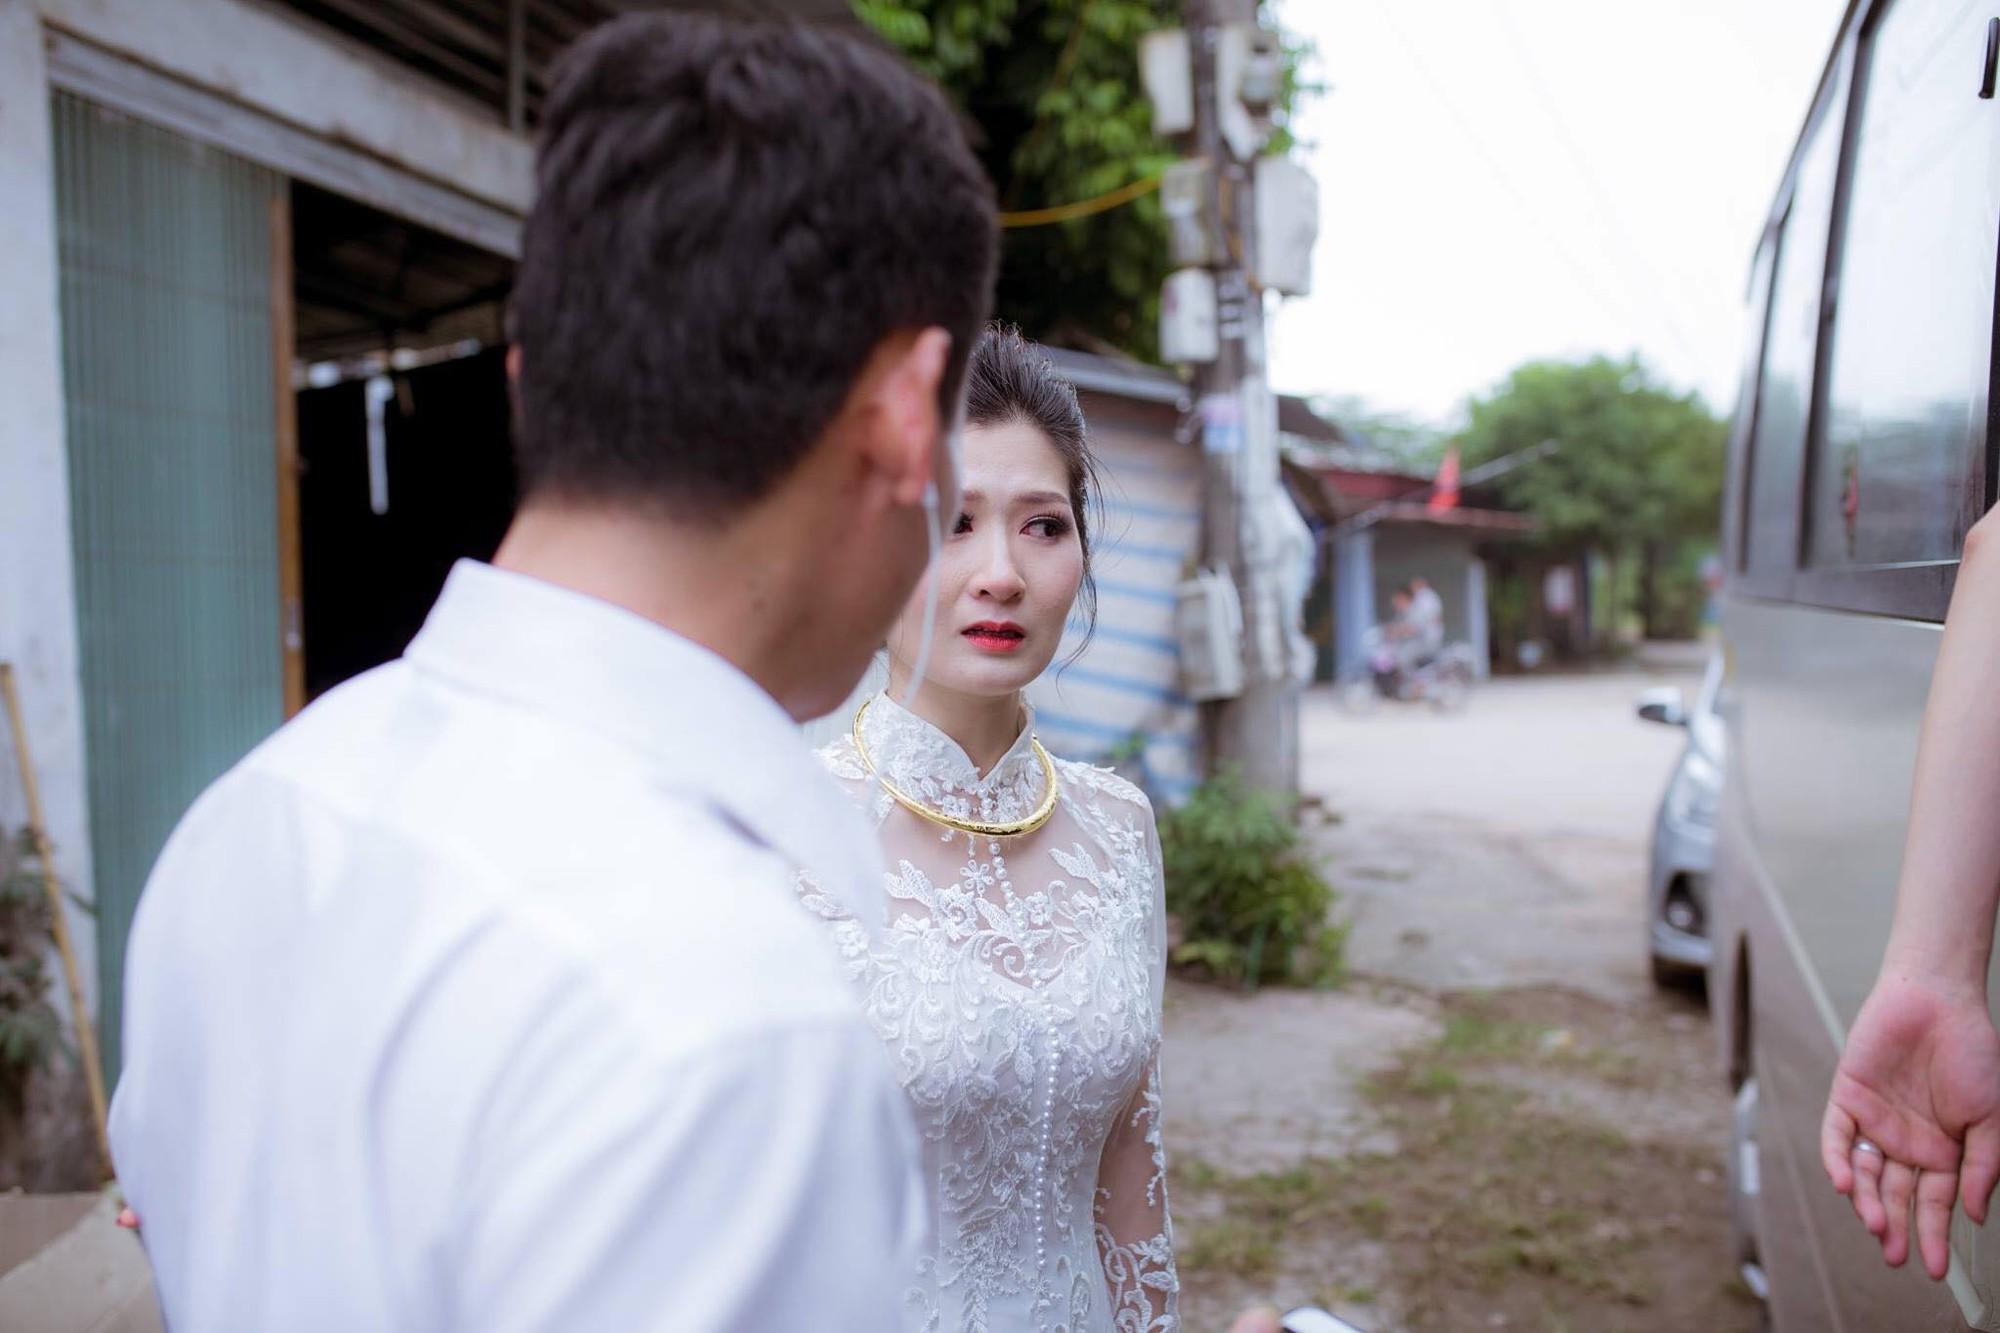 Phía sau bức ảnh cô dâu lau nước mắt chào người thân về nhà chồng: Mẹ mình bị ung thư, từ giờ ai sẽ đưa mẹ đi viện... - Ảnh 4.